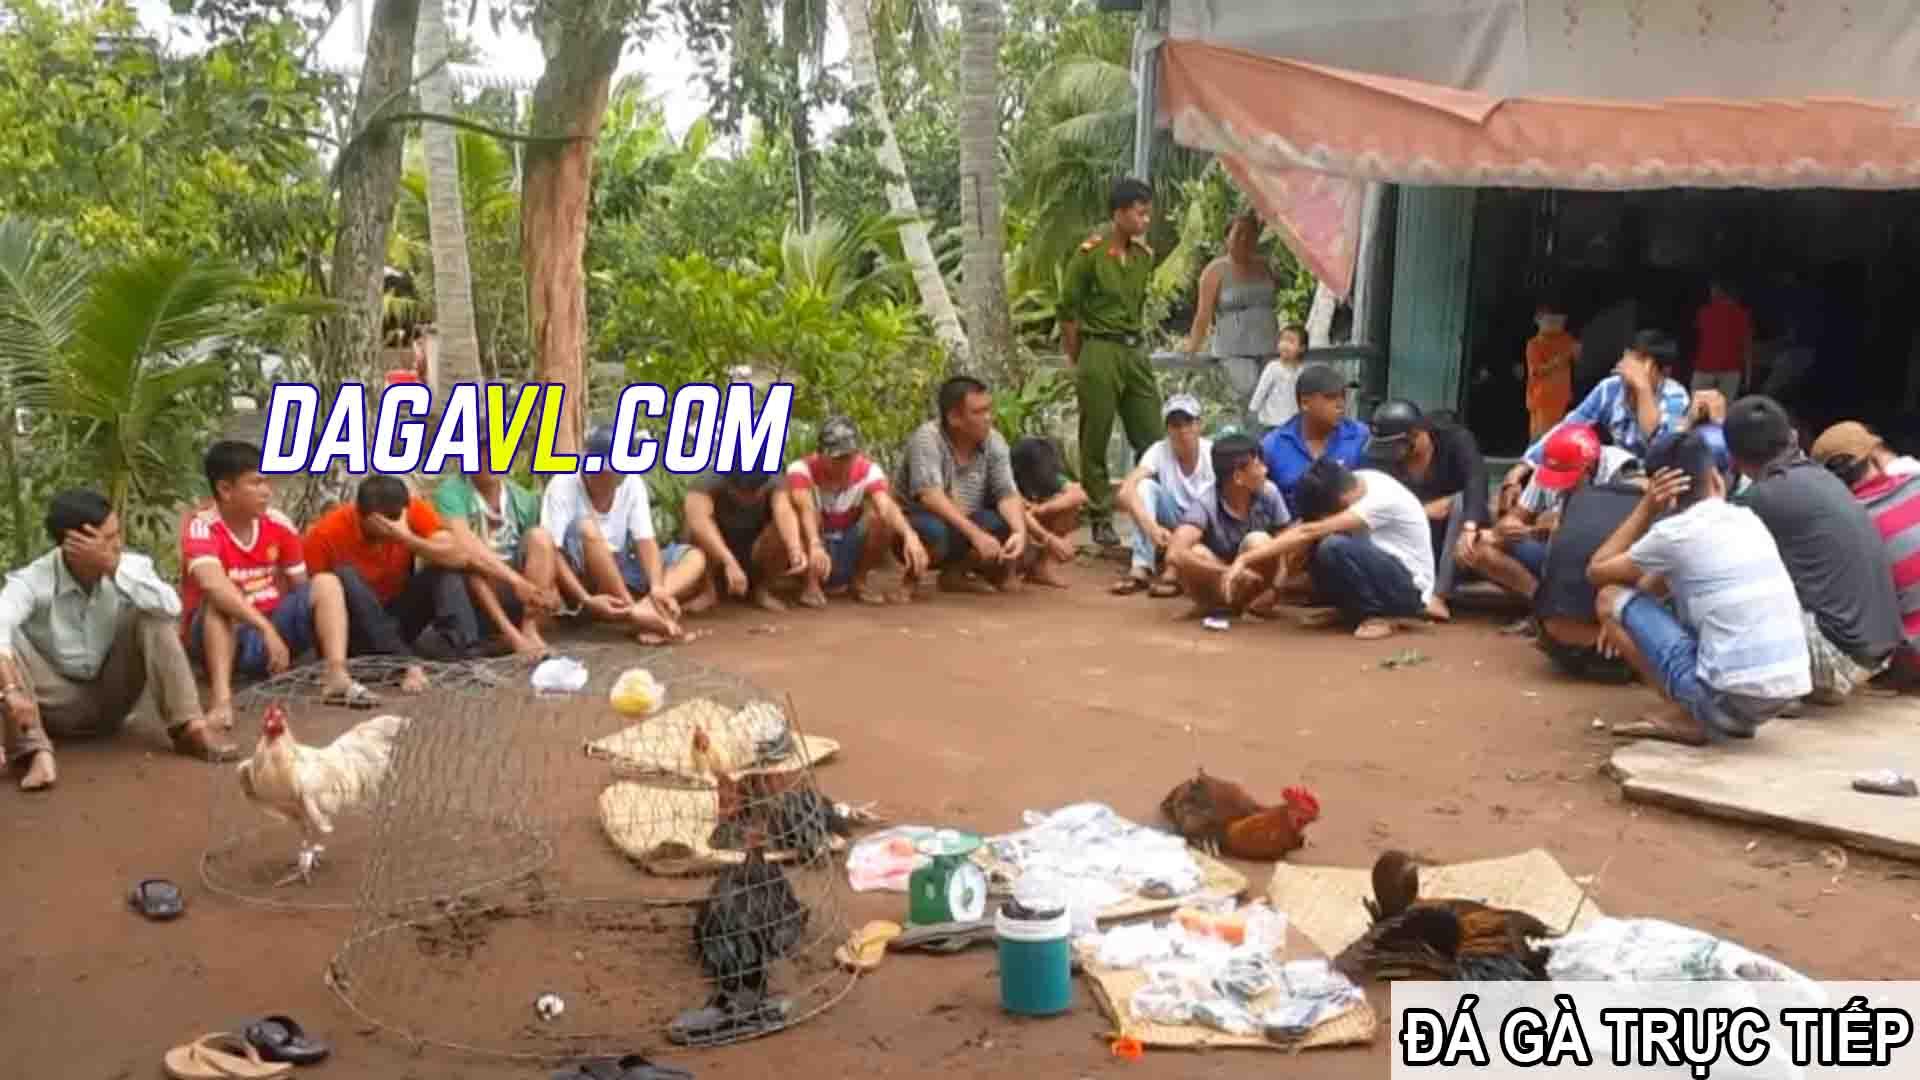 DAGAVL.COM - đá gà trực tiếp. Bắt 27 đối tượng đá gà ăn tiền tại Vị Thanh